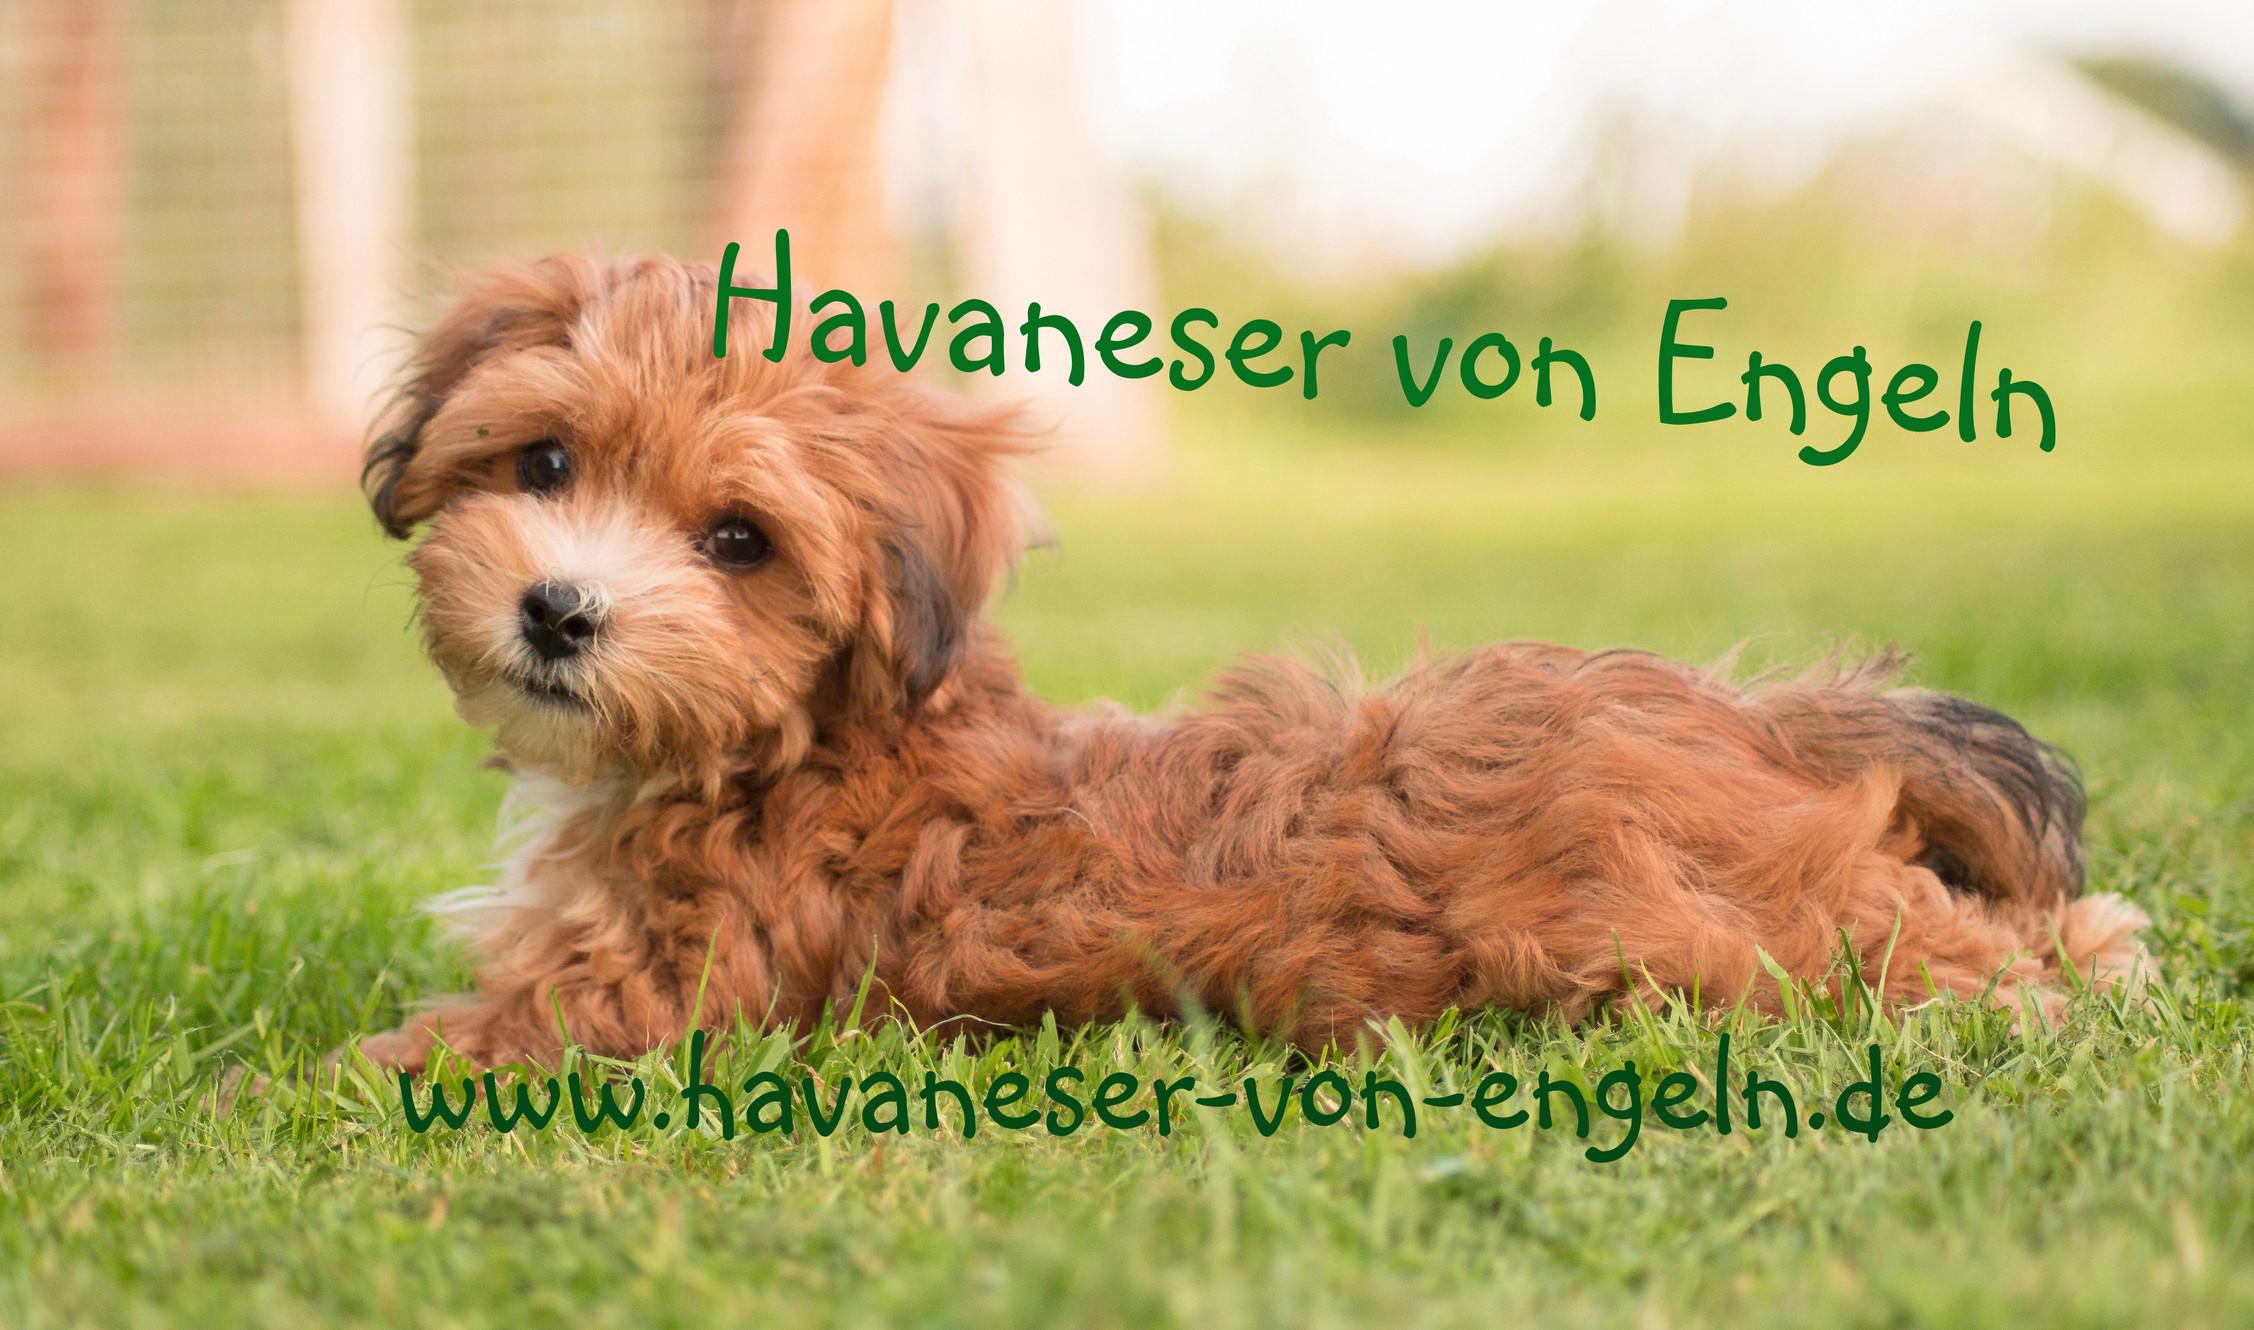 Havaneser Zuchter Niedersachsen Asendorf Havaneser Von Engeln